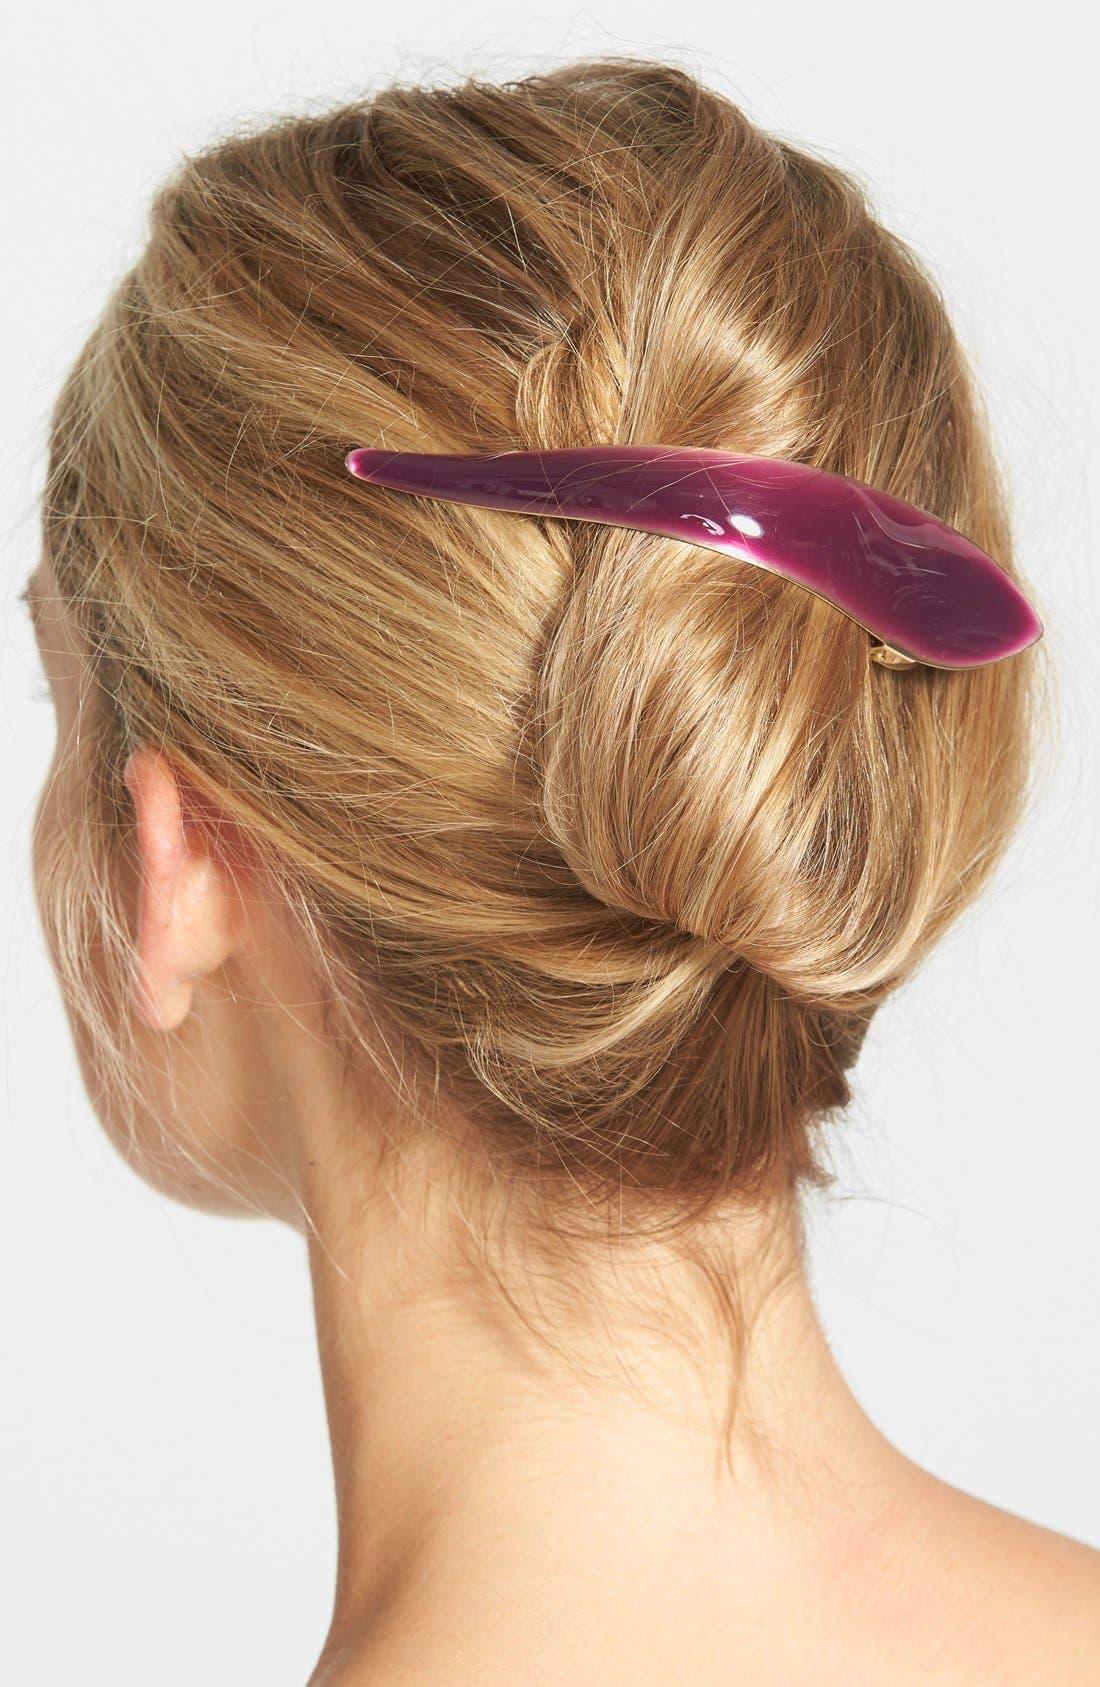 Ficcare 'Maximus Silky' Hair Clip